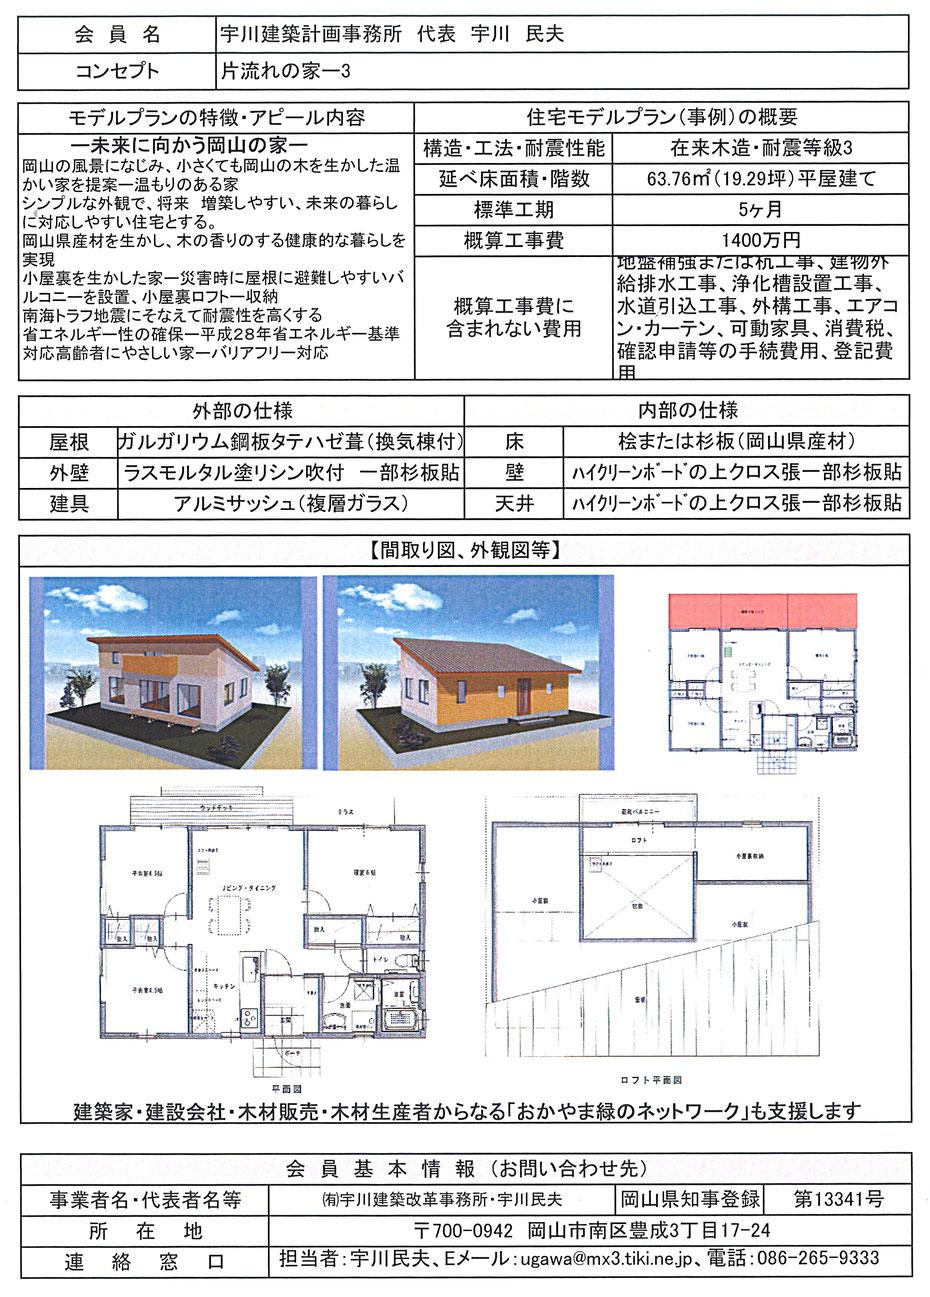 水害復興住宅 片流れの家ー3